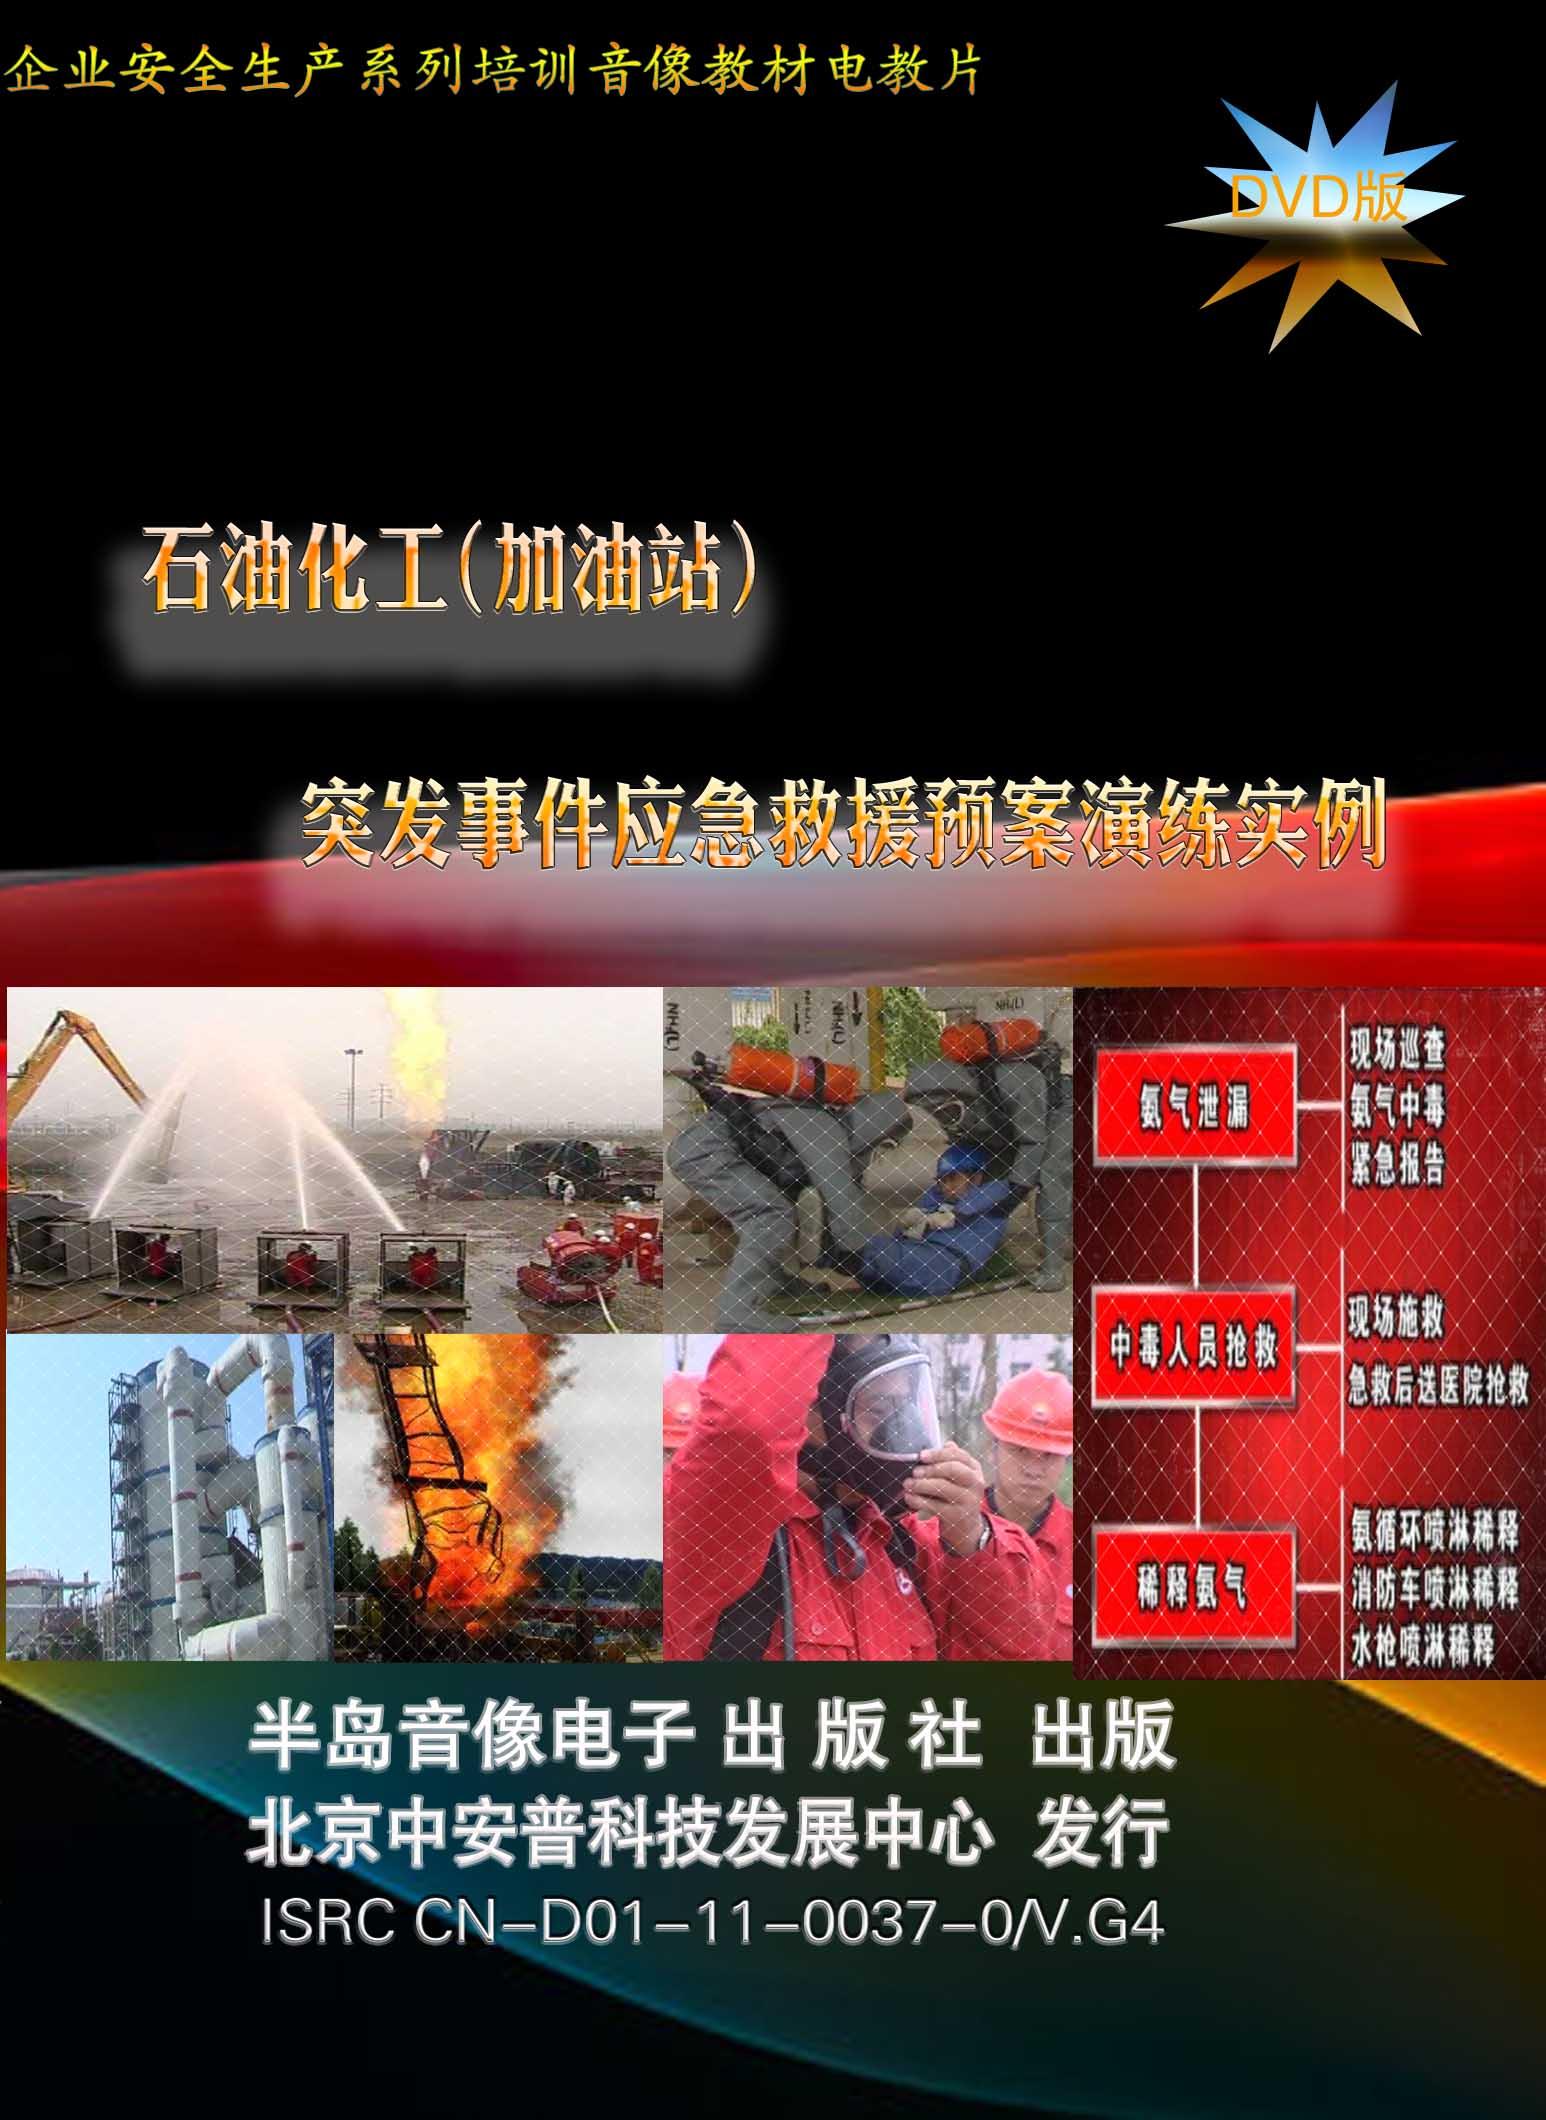 石油化工(加油站)突发事件应急救援预案演练实例